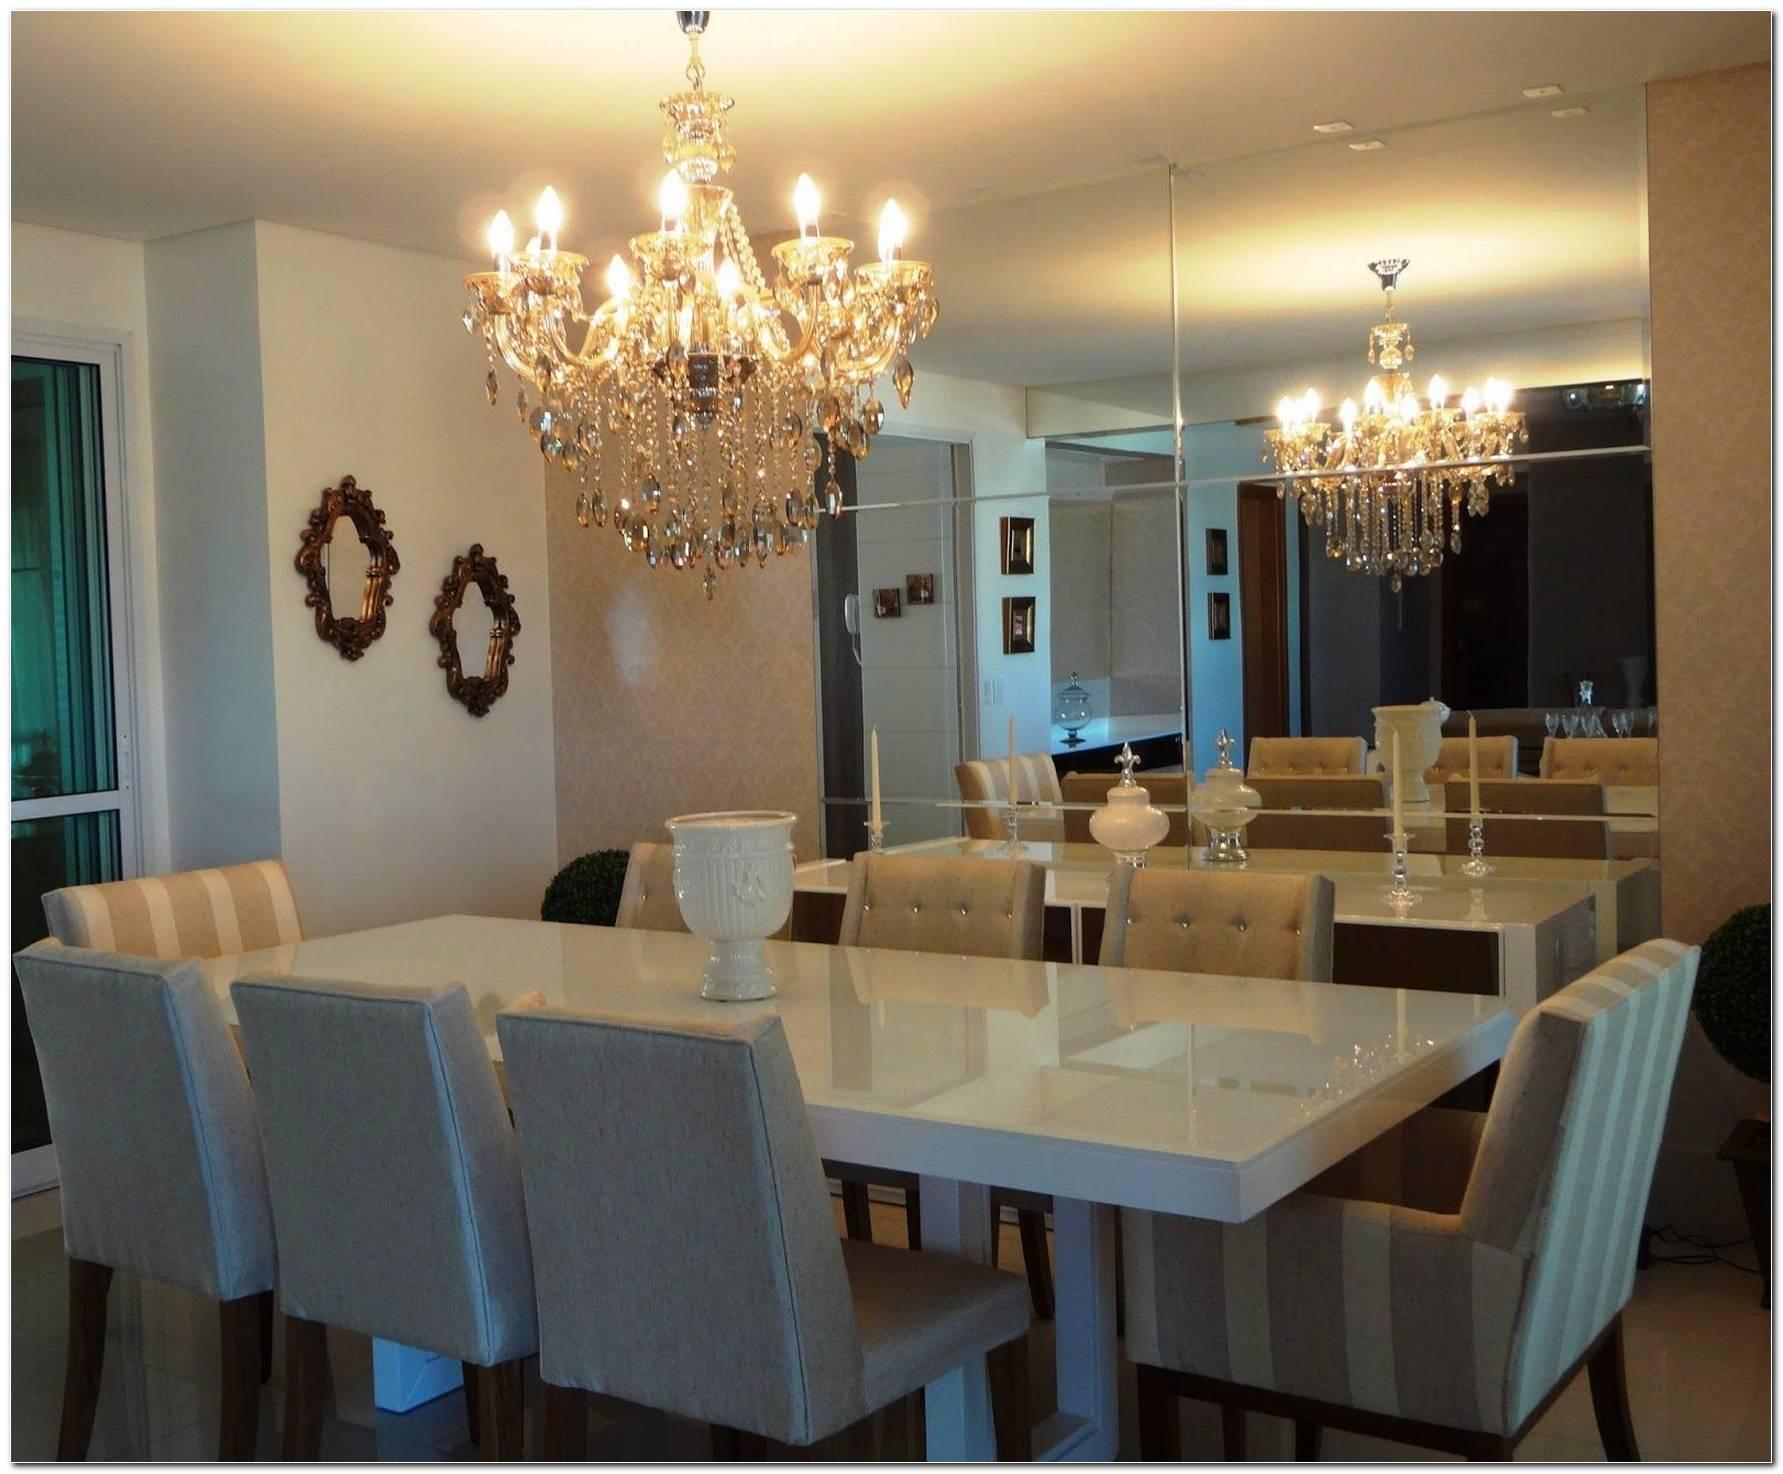 Mesa De Jantar Quadrada 95 Modelos Belíssimos Para Sala De Jantar